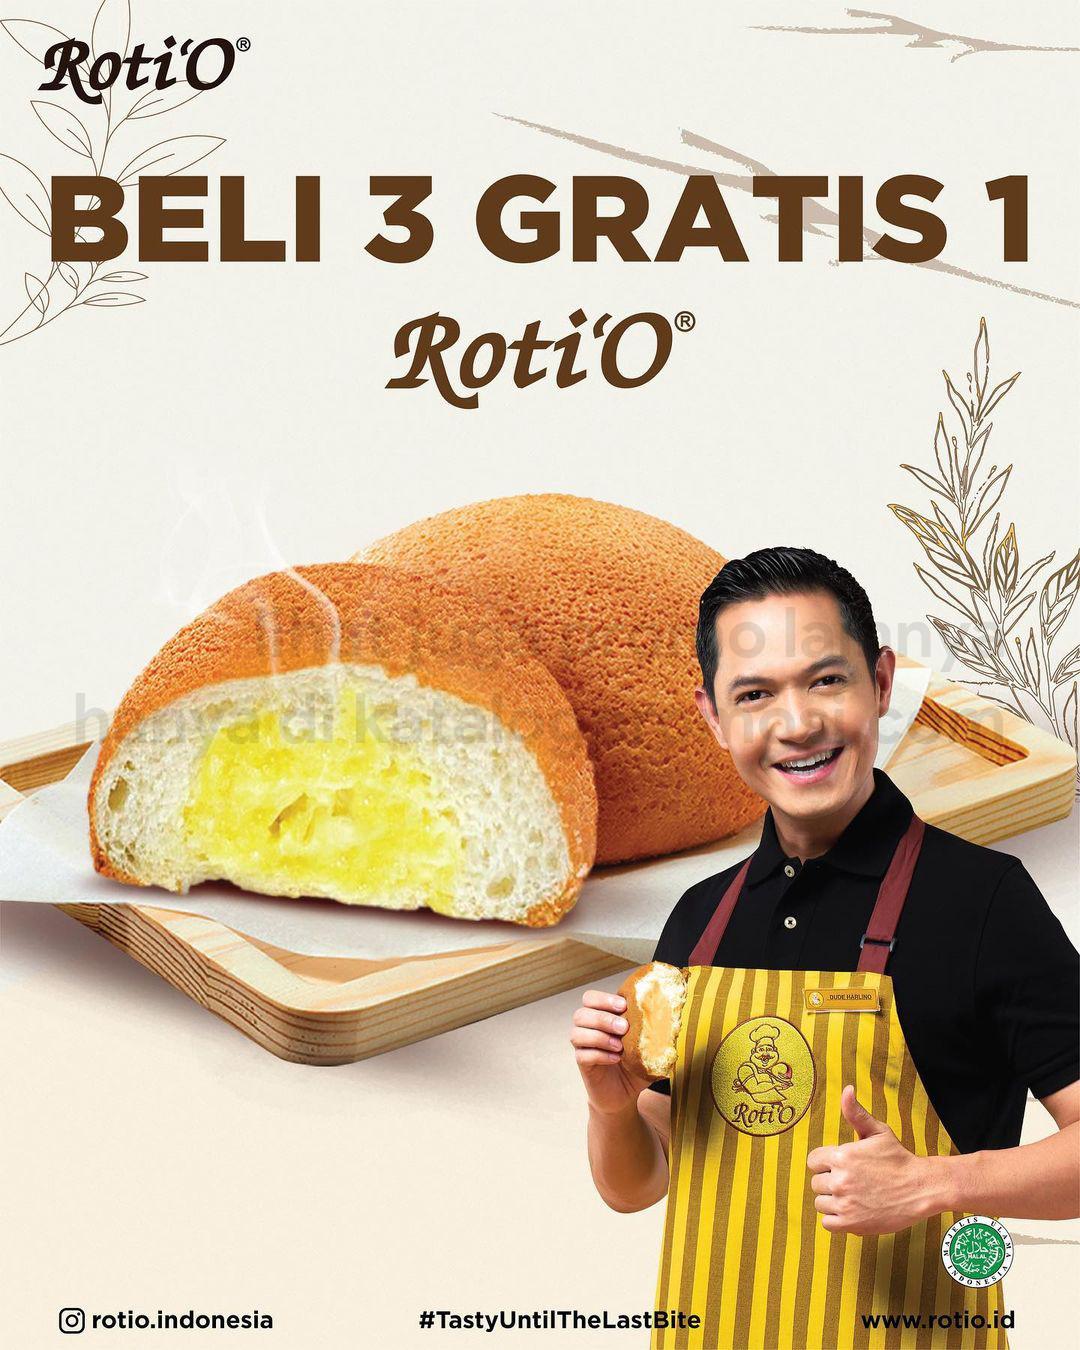 Promo ROTI'O - BELI 3 GRATIS 1 untuk ROTI dan HARGA SPESIAL untuk KOPI ROTI'O